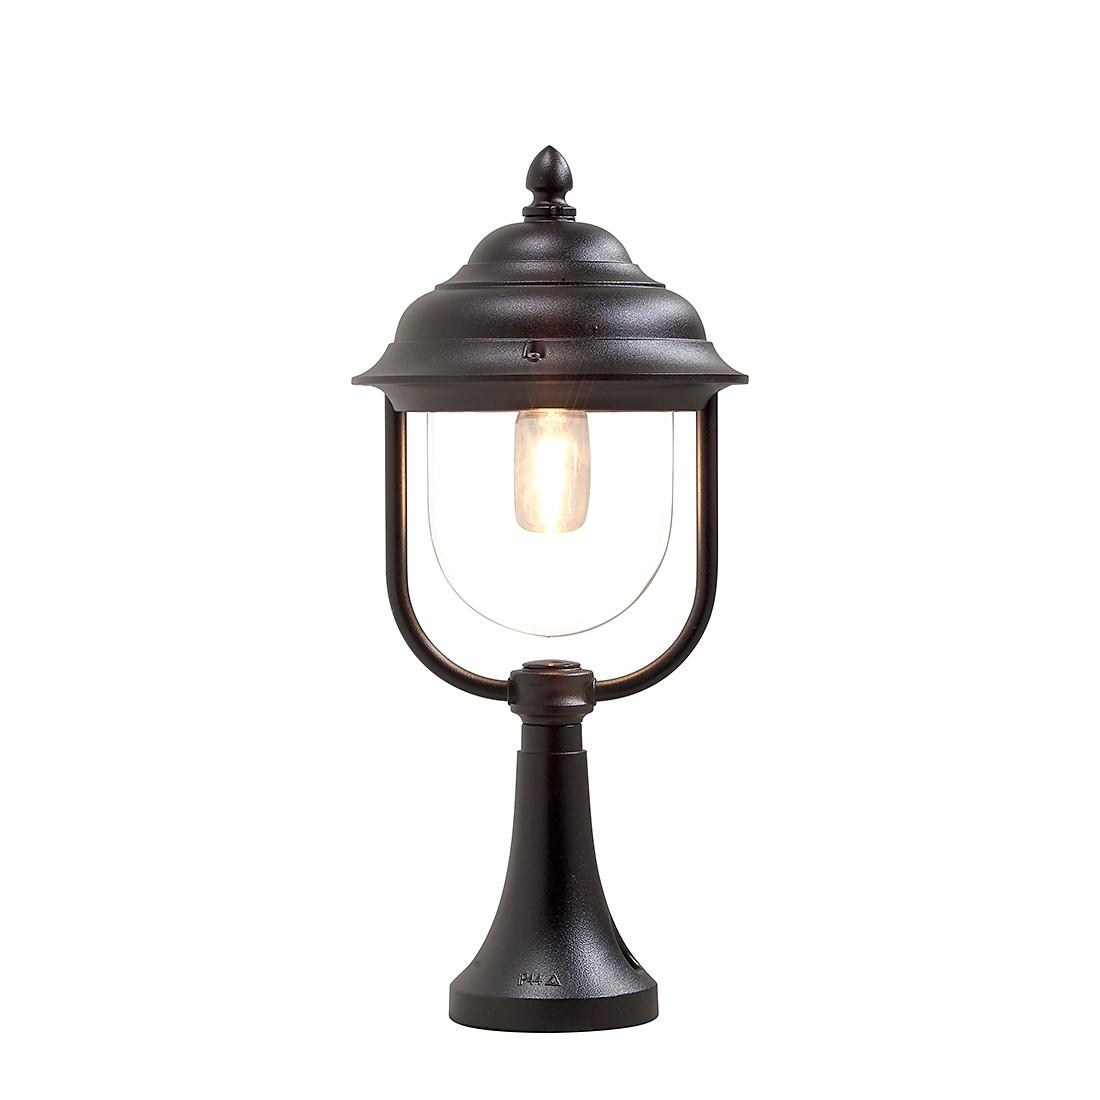 Luminaire sur socle Parma